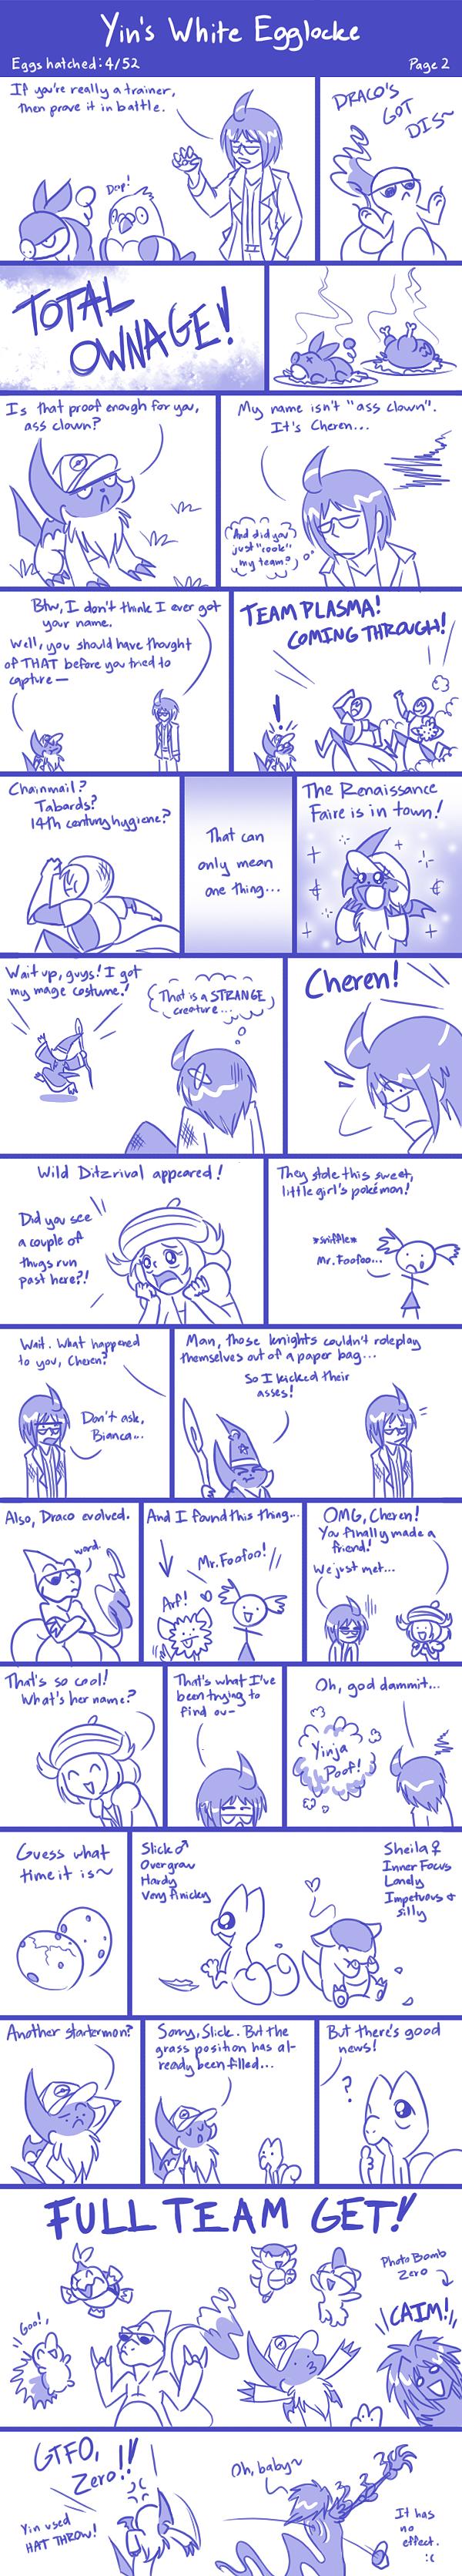 Yin's White Egglocke - Page 2 by YinDragon